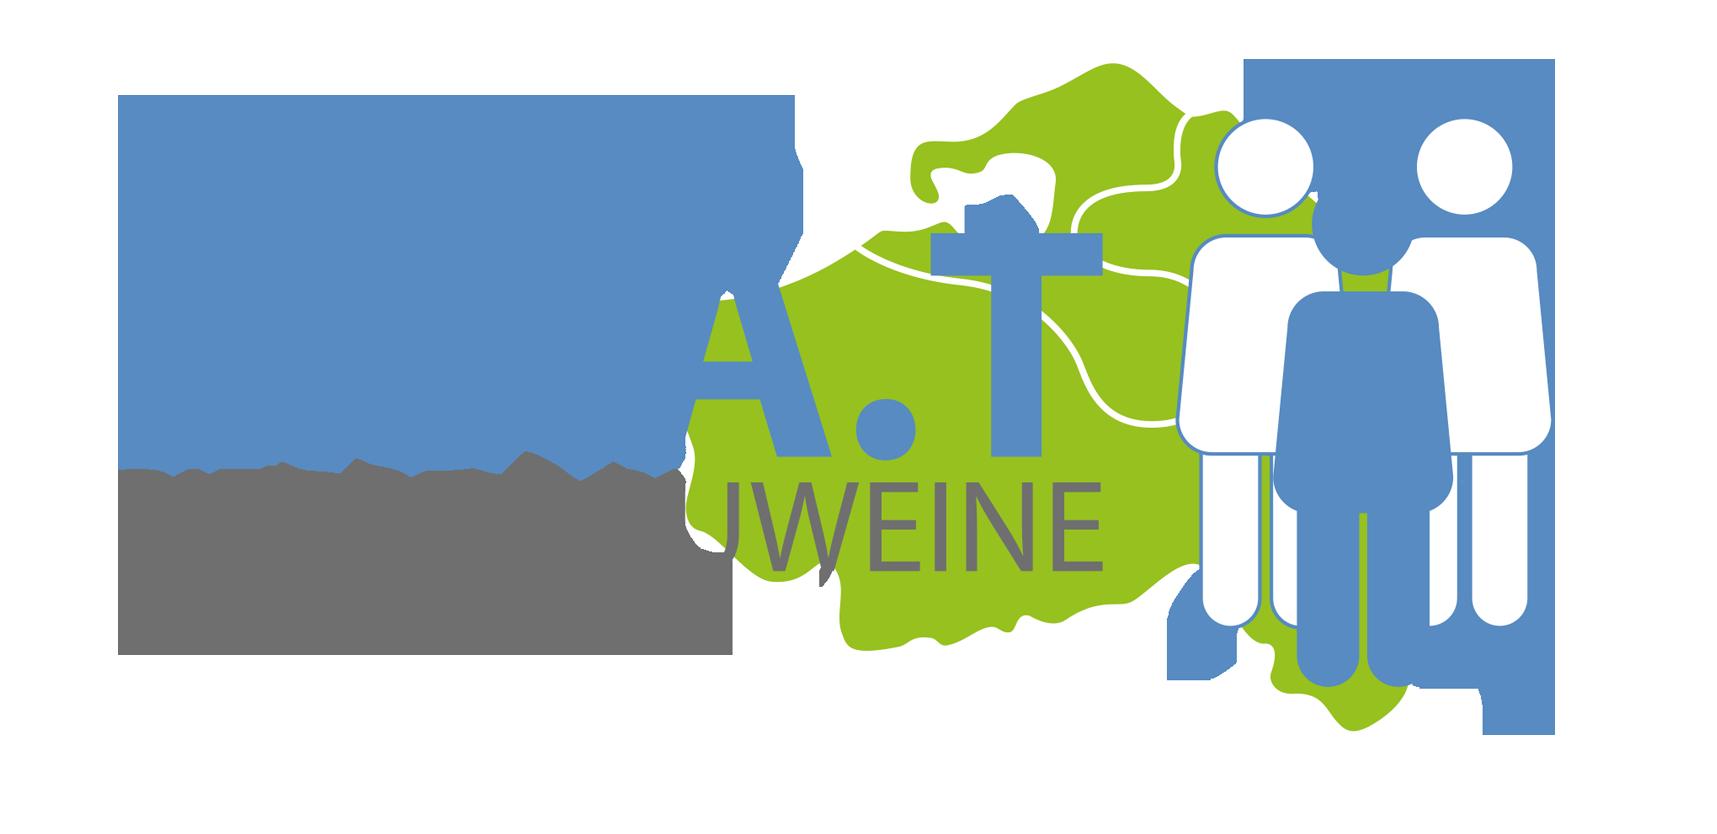 E.S.A.T Pierre Souweine